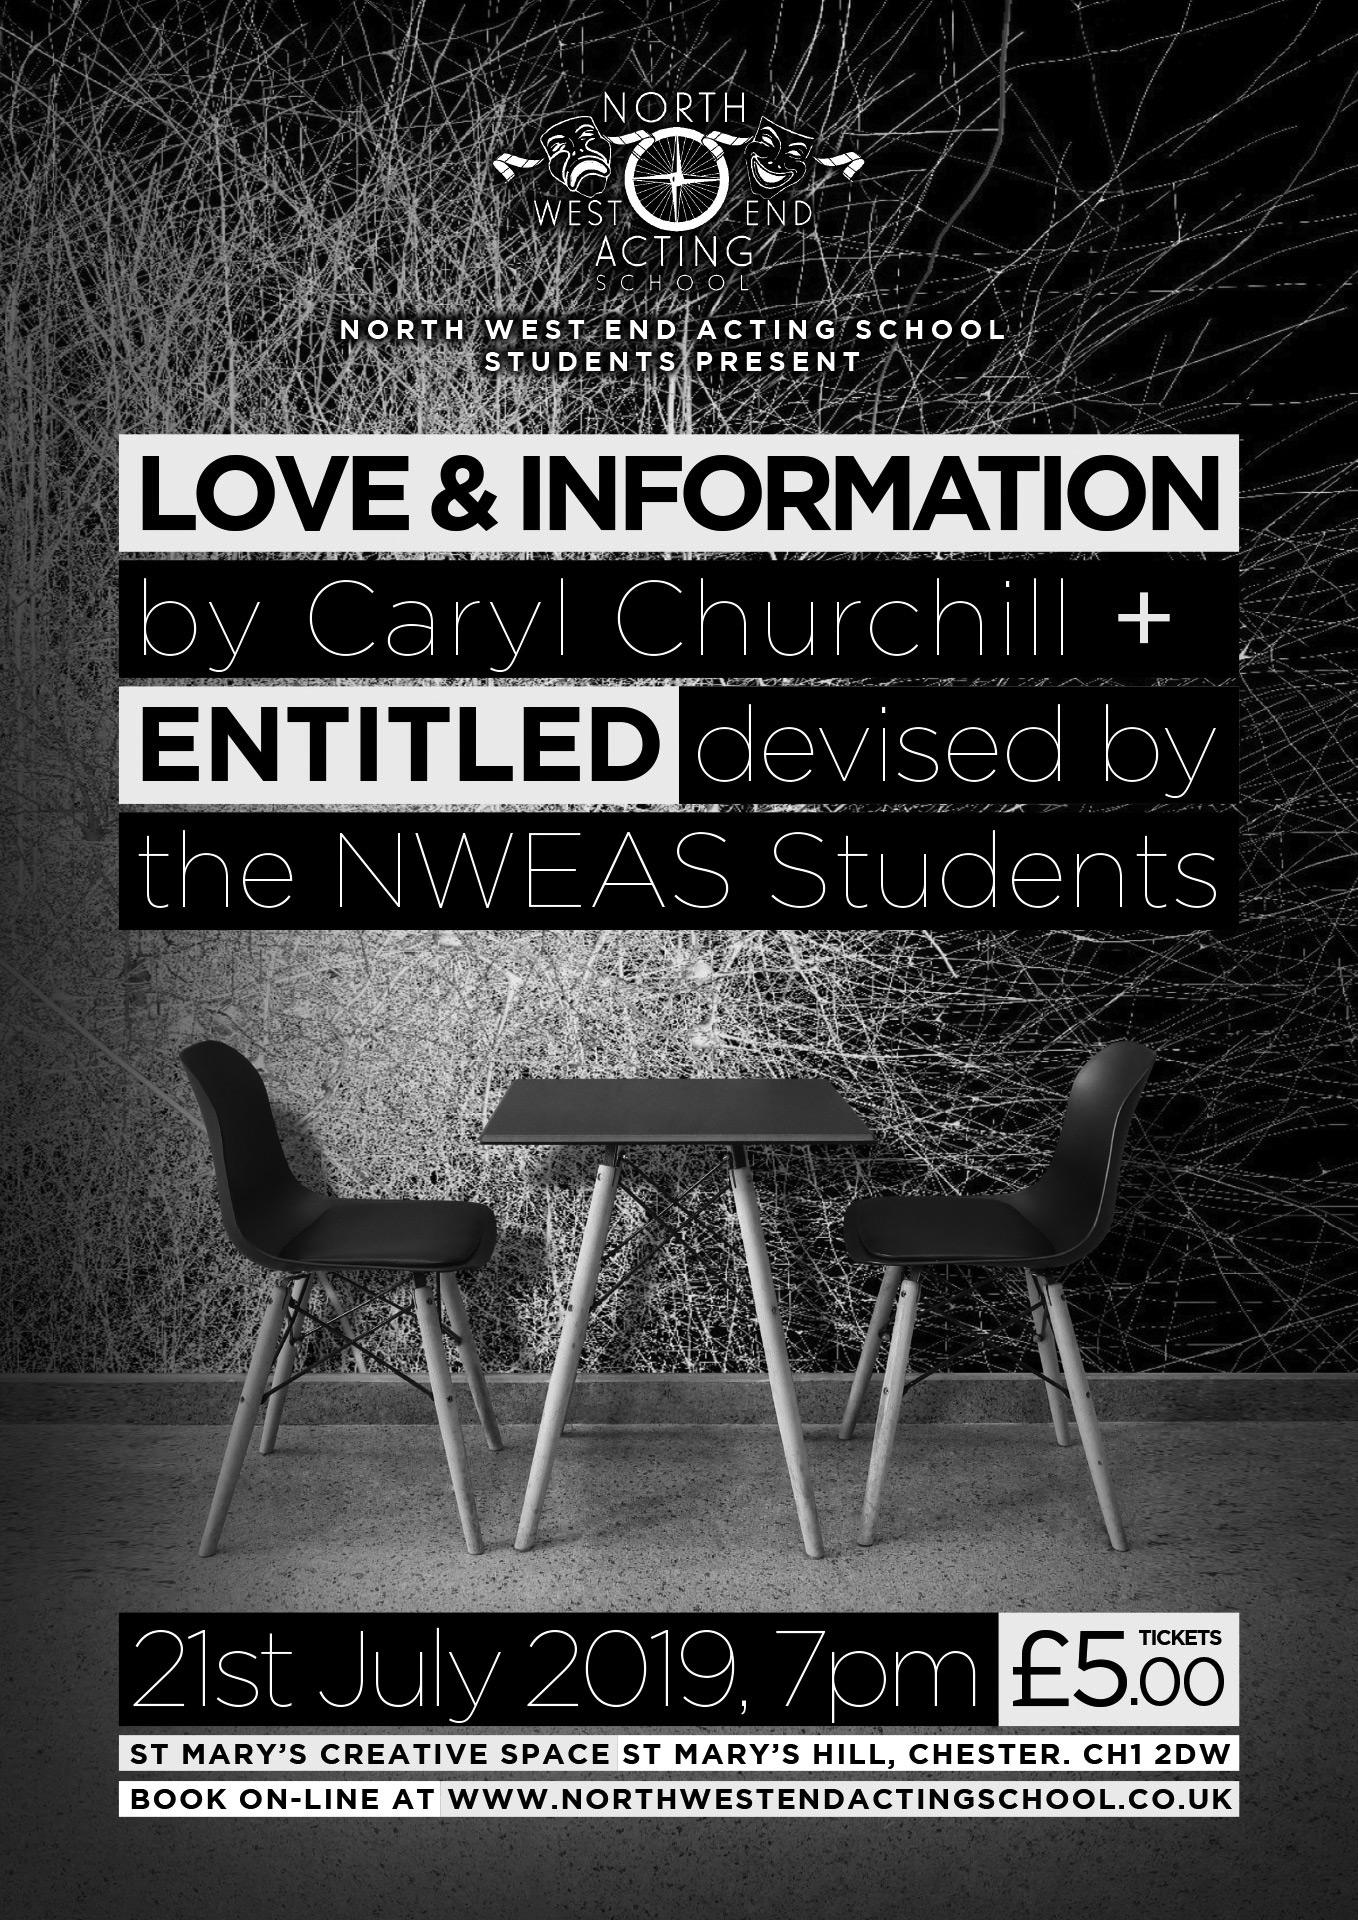 Love+Info+Entitled_Poster_G.jpg